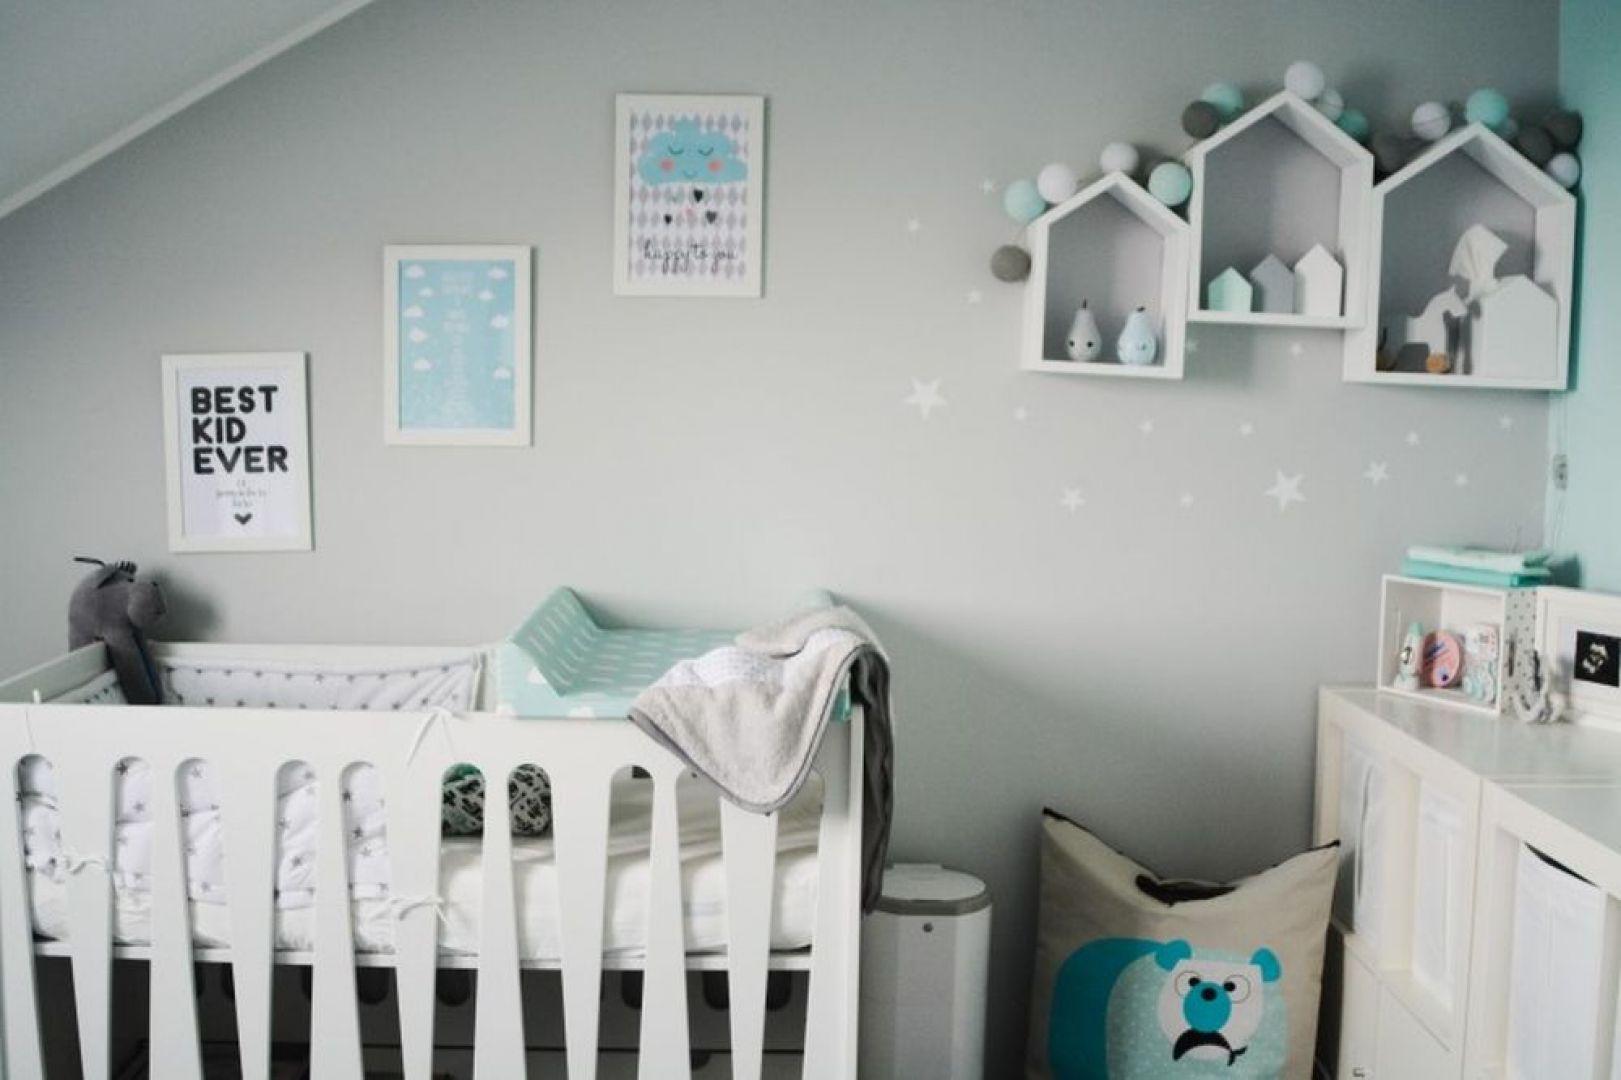 W pokoju dziecka nie może zabraknąć wygodnych mebli - komody, przewijaka. Najważniejsze jednak jest łóżeczko. Fot. Pinio